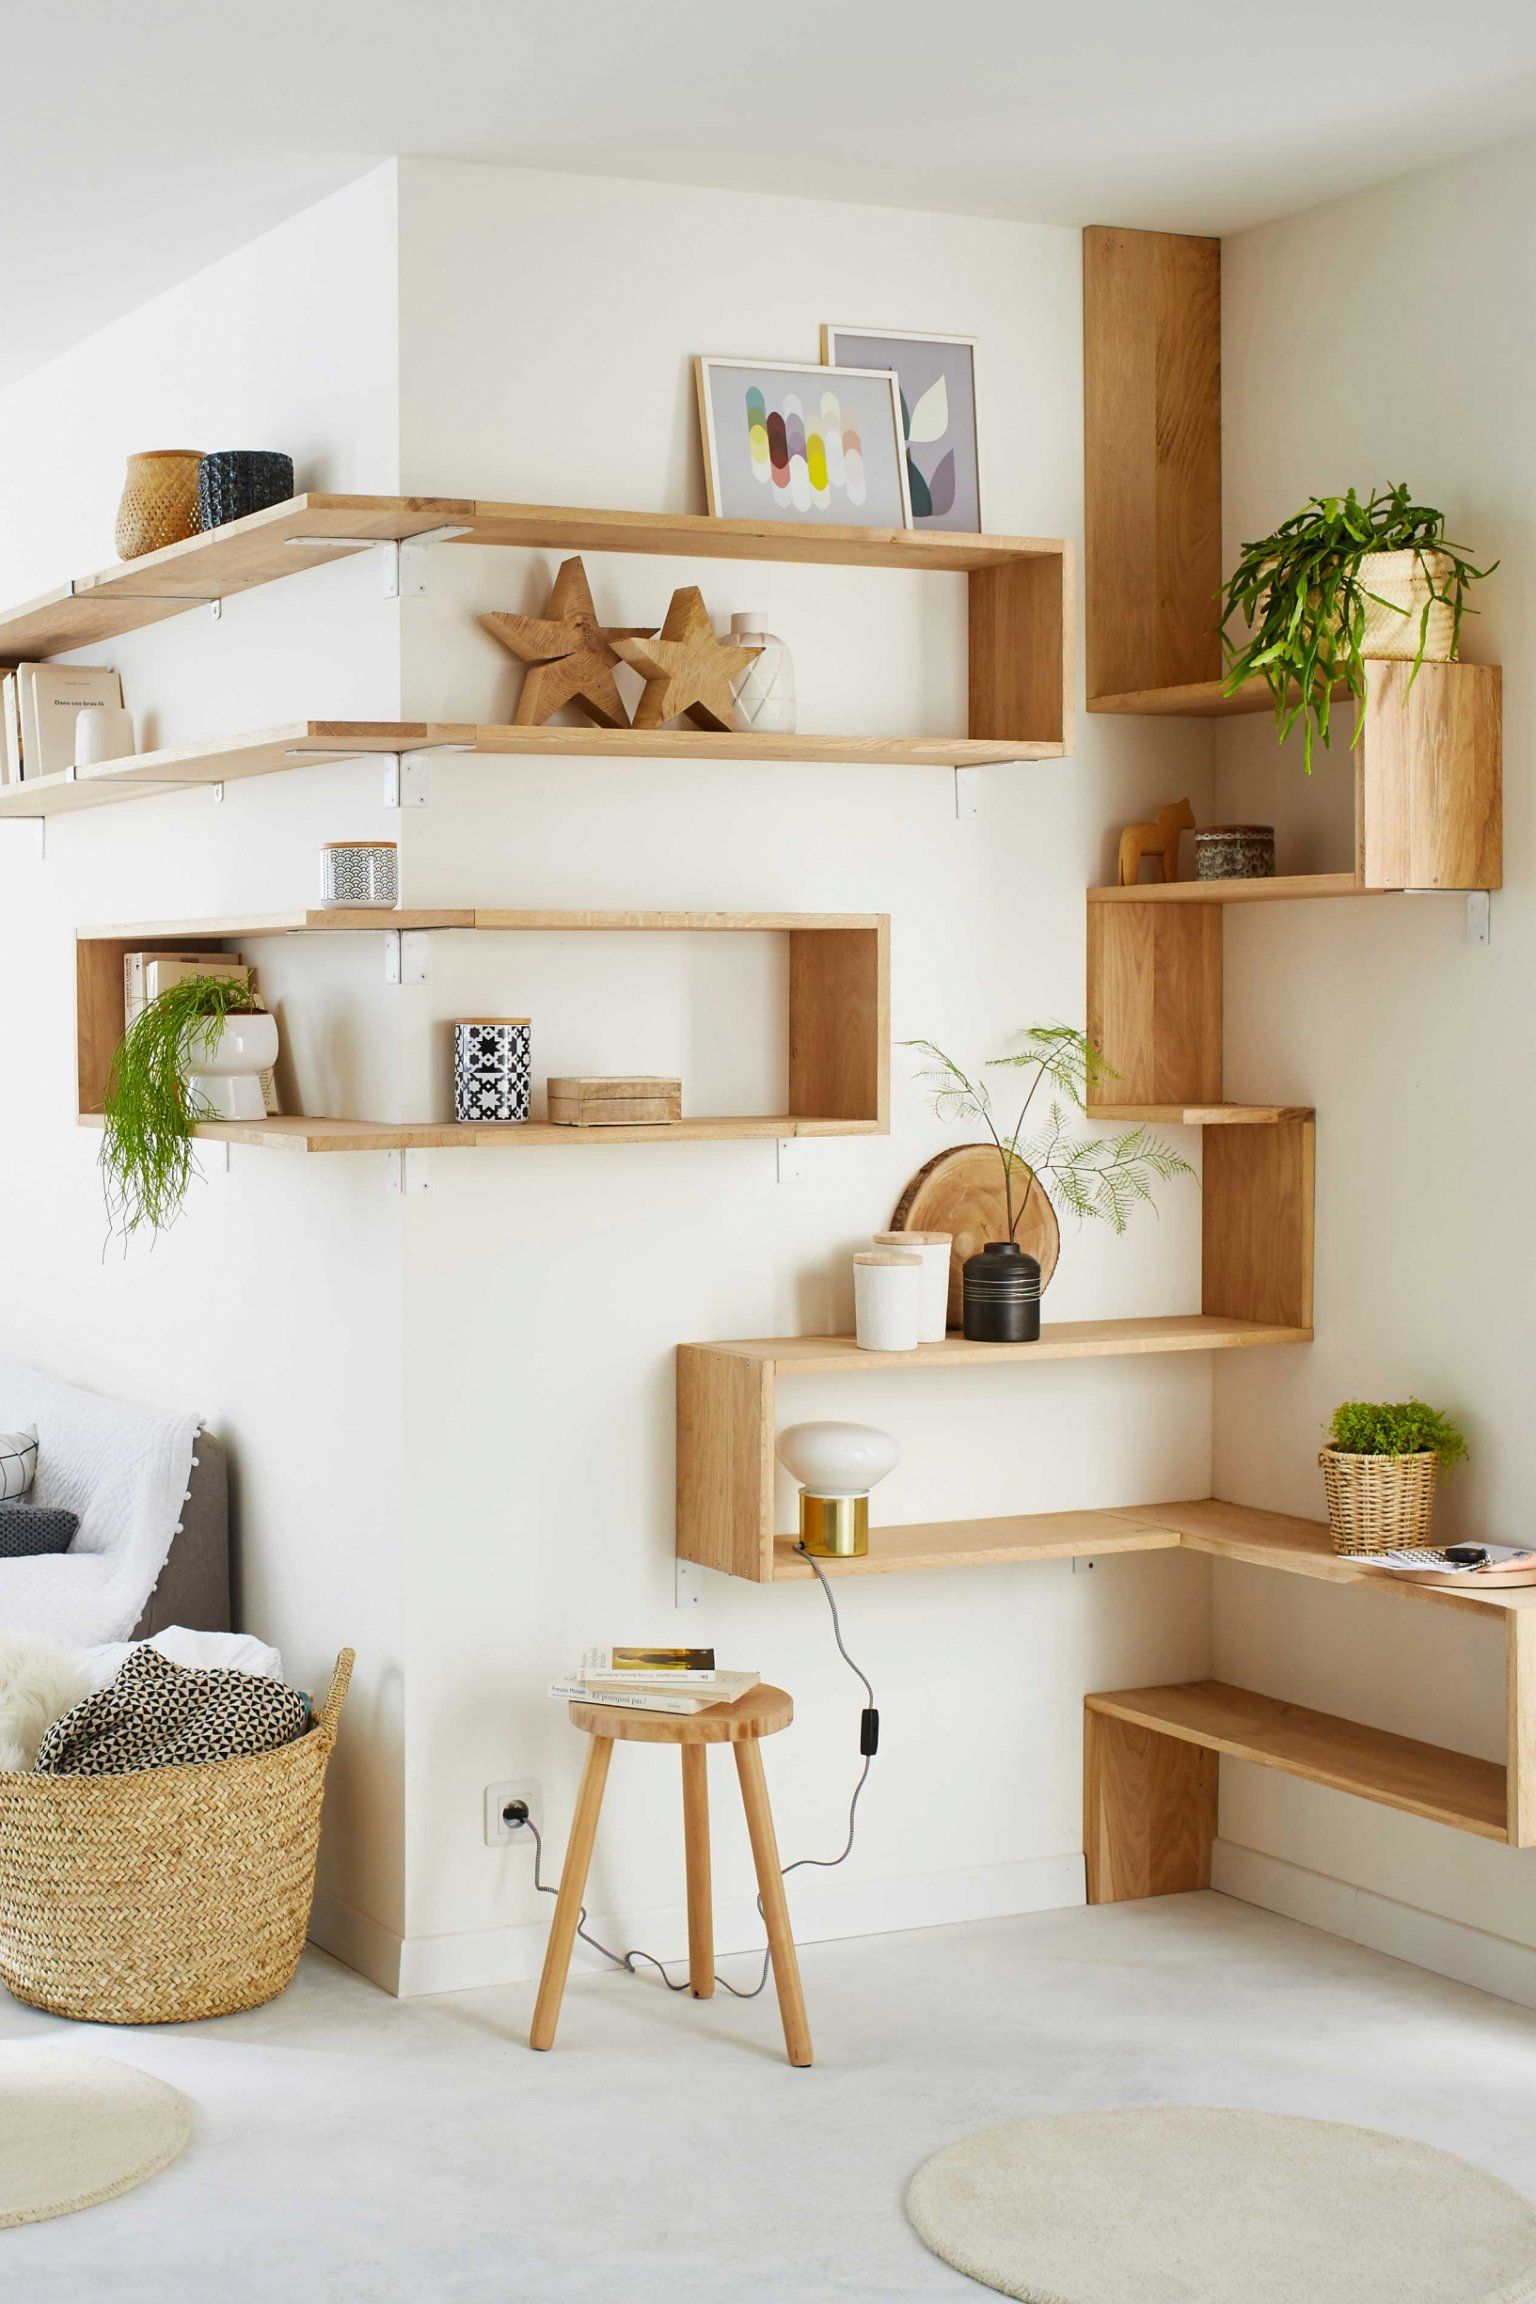 15 Meubles D Angle Parfaits Pour Optimiser Les Moindres Recoins D Une Piece Meuble D Angle Deco Salon Mobilier De Salon